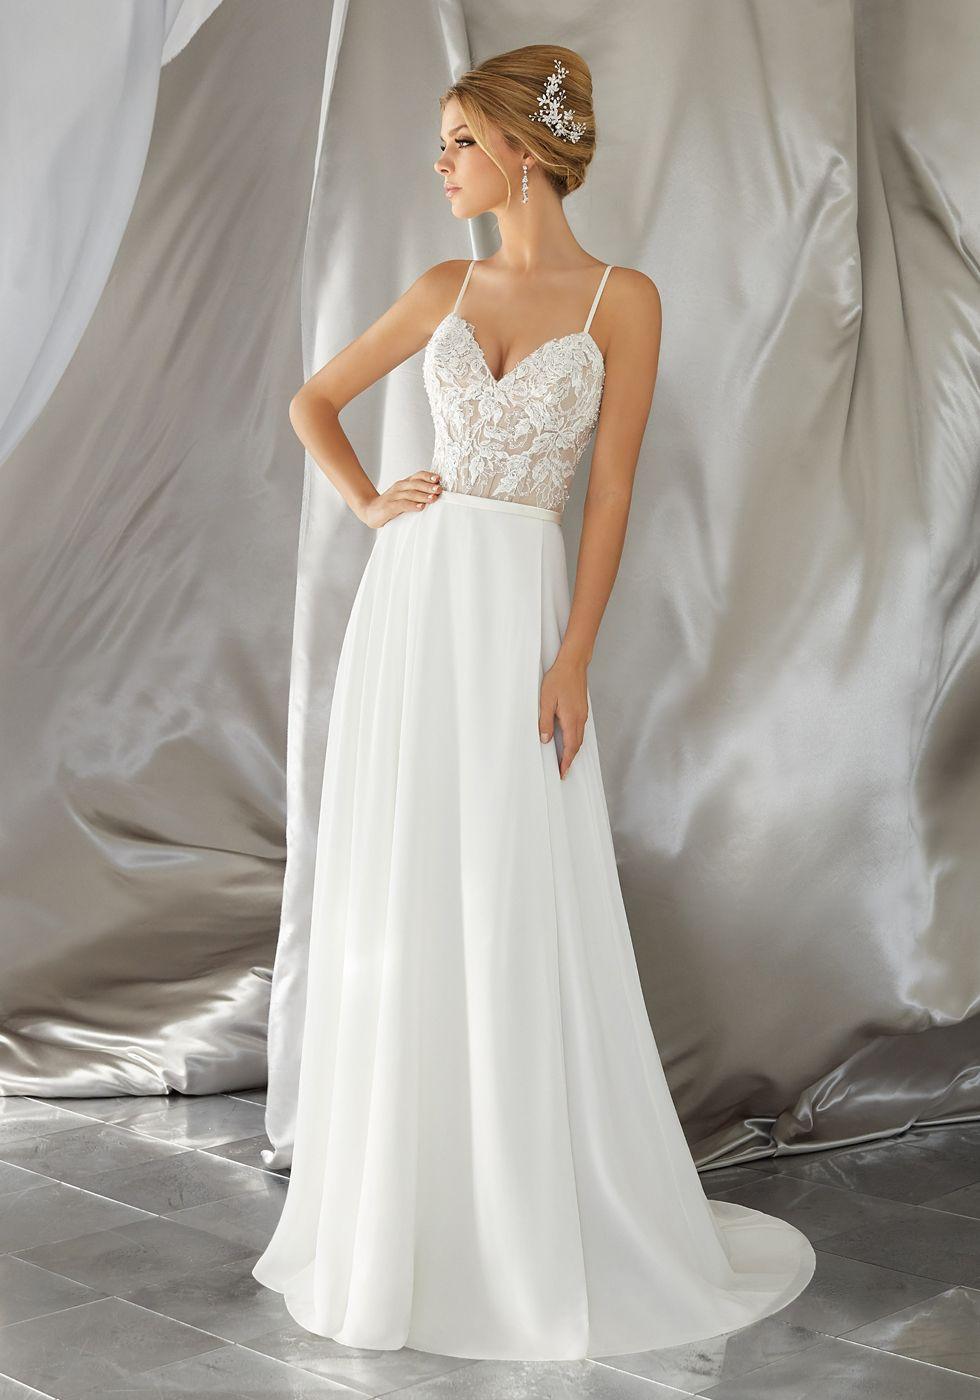 Free wedding dress  Mori Lee  Mina Wedding Dress  wed  Pinterest  Mori lee